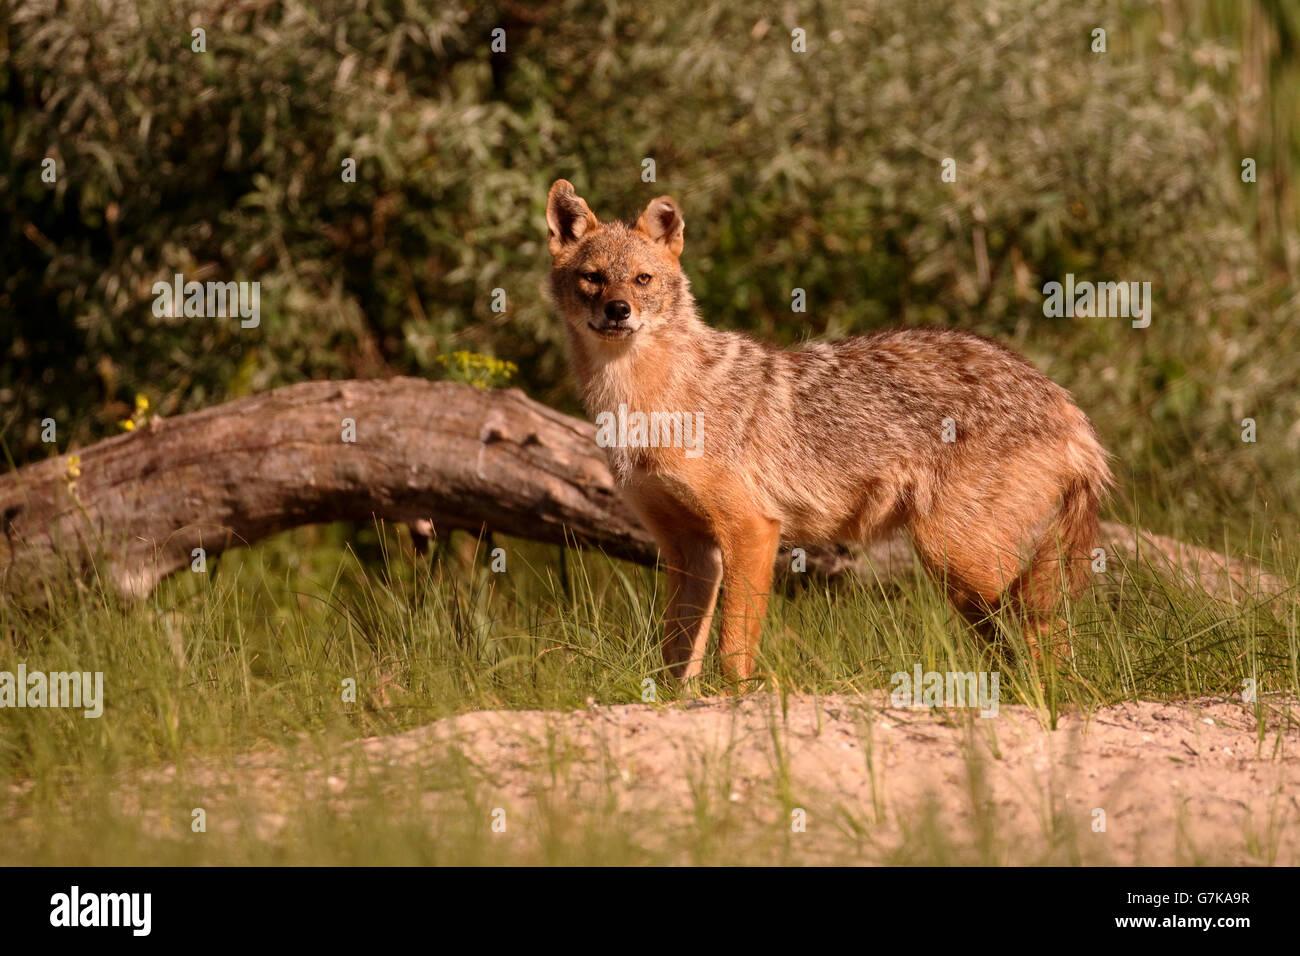 Chacal européen, Canis aureus moreoticus, seul mammifère de l'herbe, Roumanie, Juin 2016 Banque D'Images